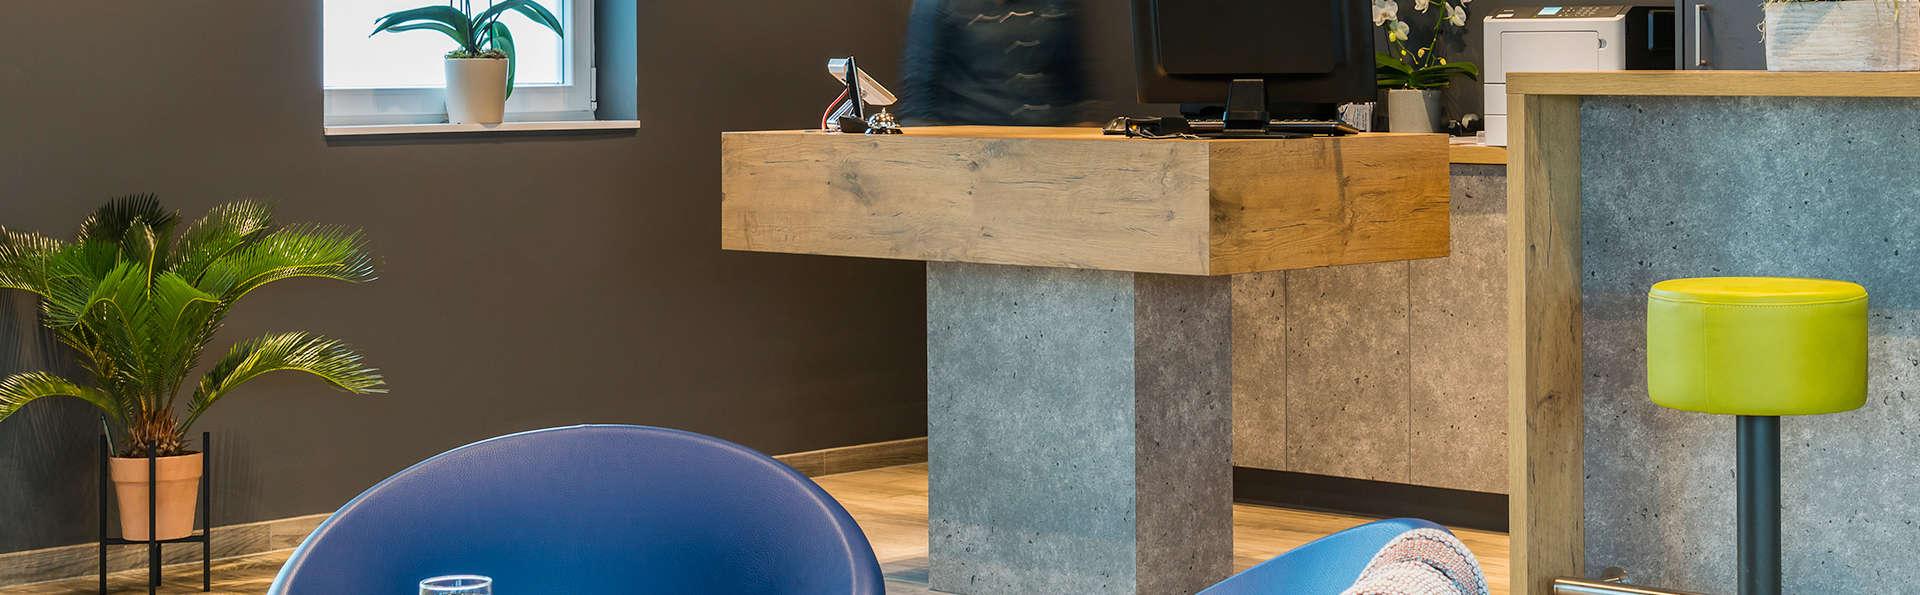 Ibis Budget Stein Maastricht - Edit_Reception.jpg